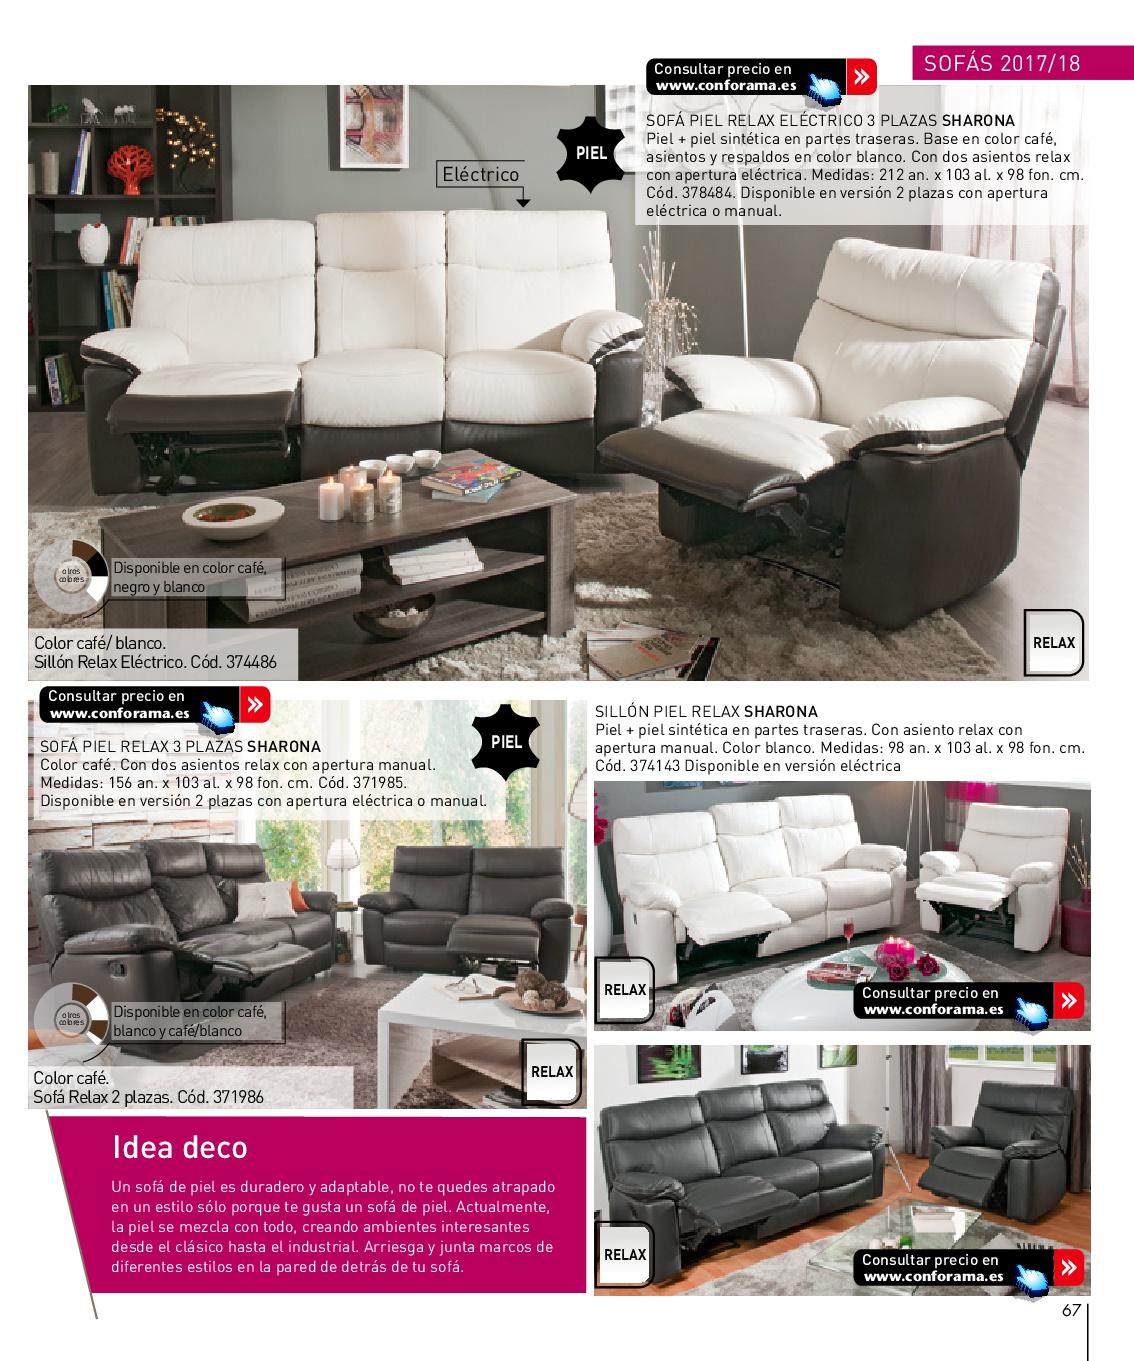 Sofas dos plazas conforama latest cool stunning sofa - Conforama sofas cheslong ...